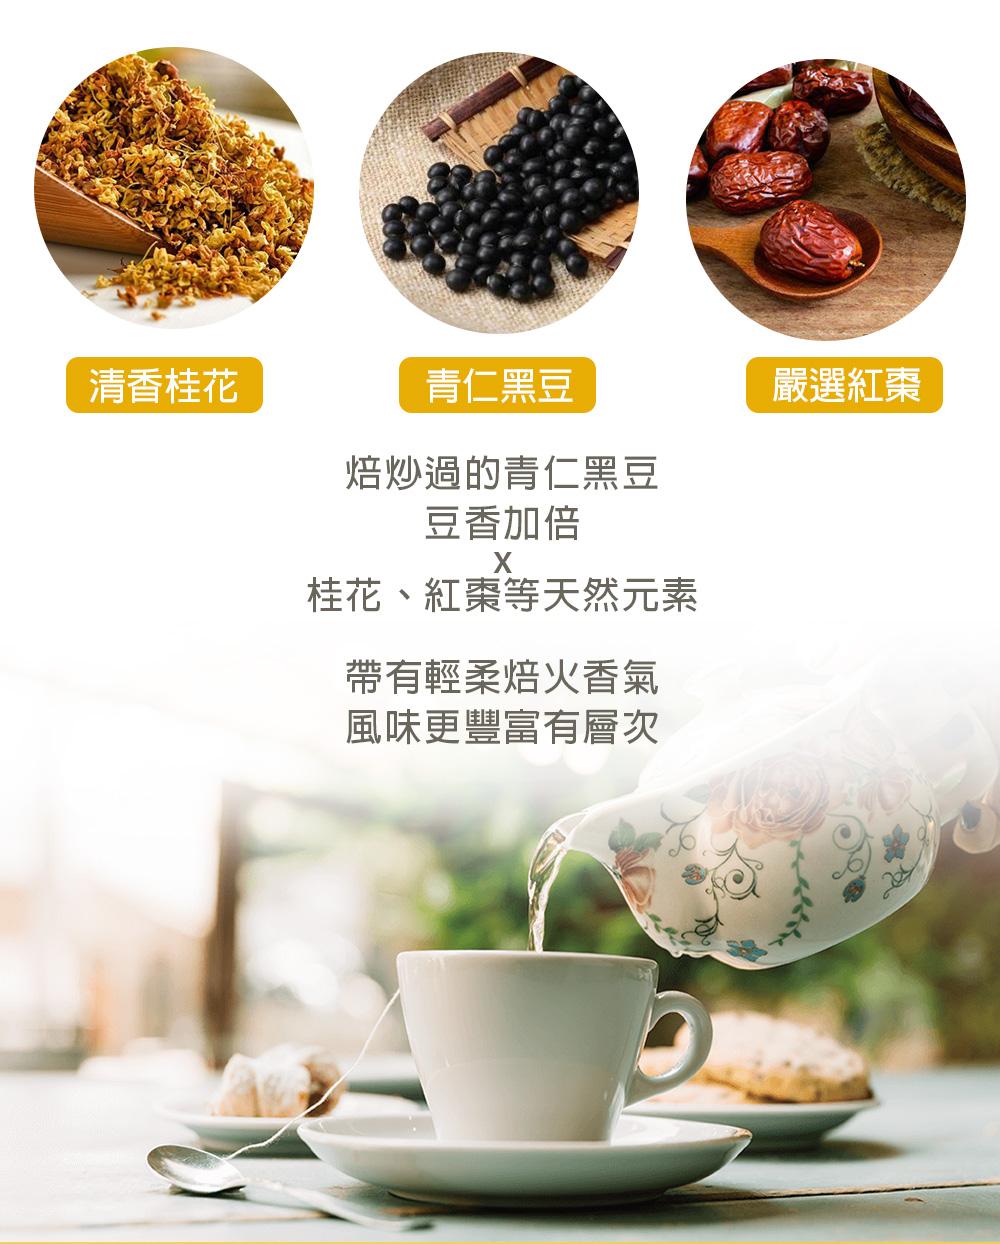 焙炒過的青仁黑豆,豆香加倍。桂花、紅棗等天然元素, 帶有輕柔焙火香氣,風味更豐富有層次。